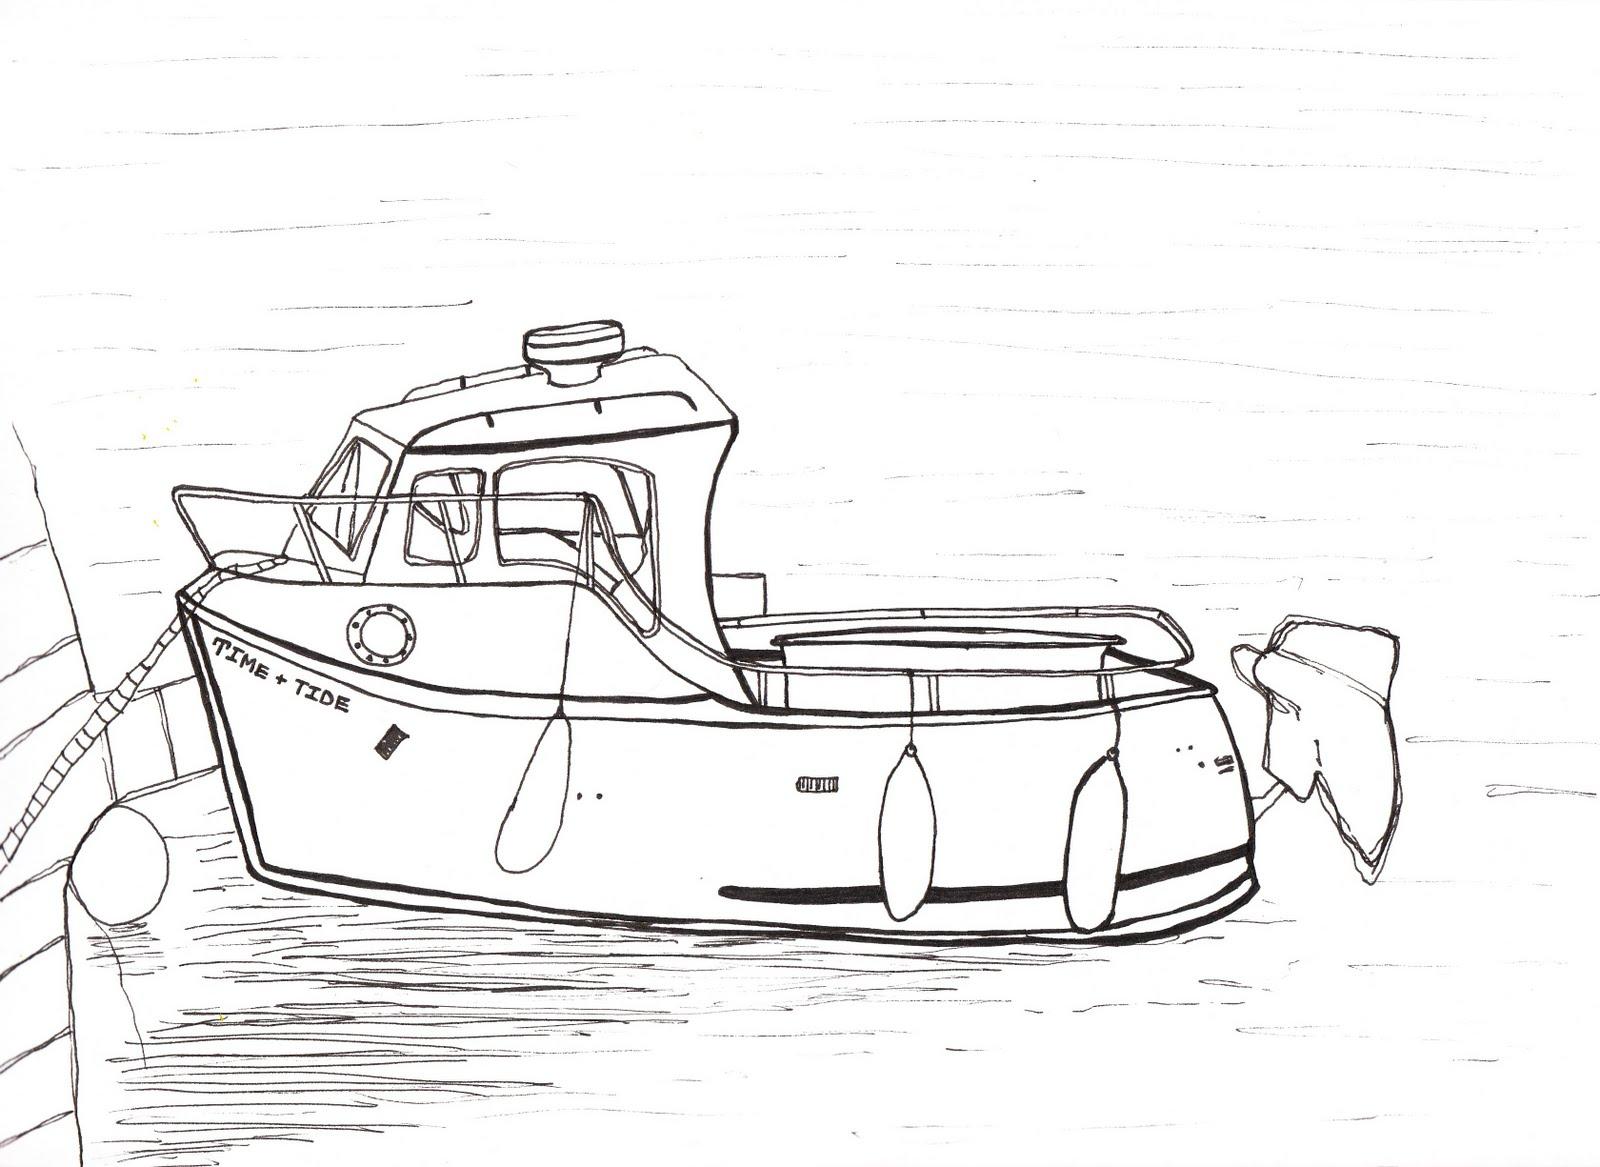 [boat]